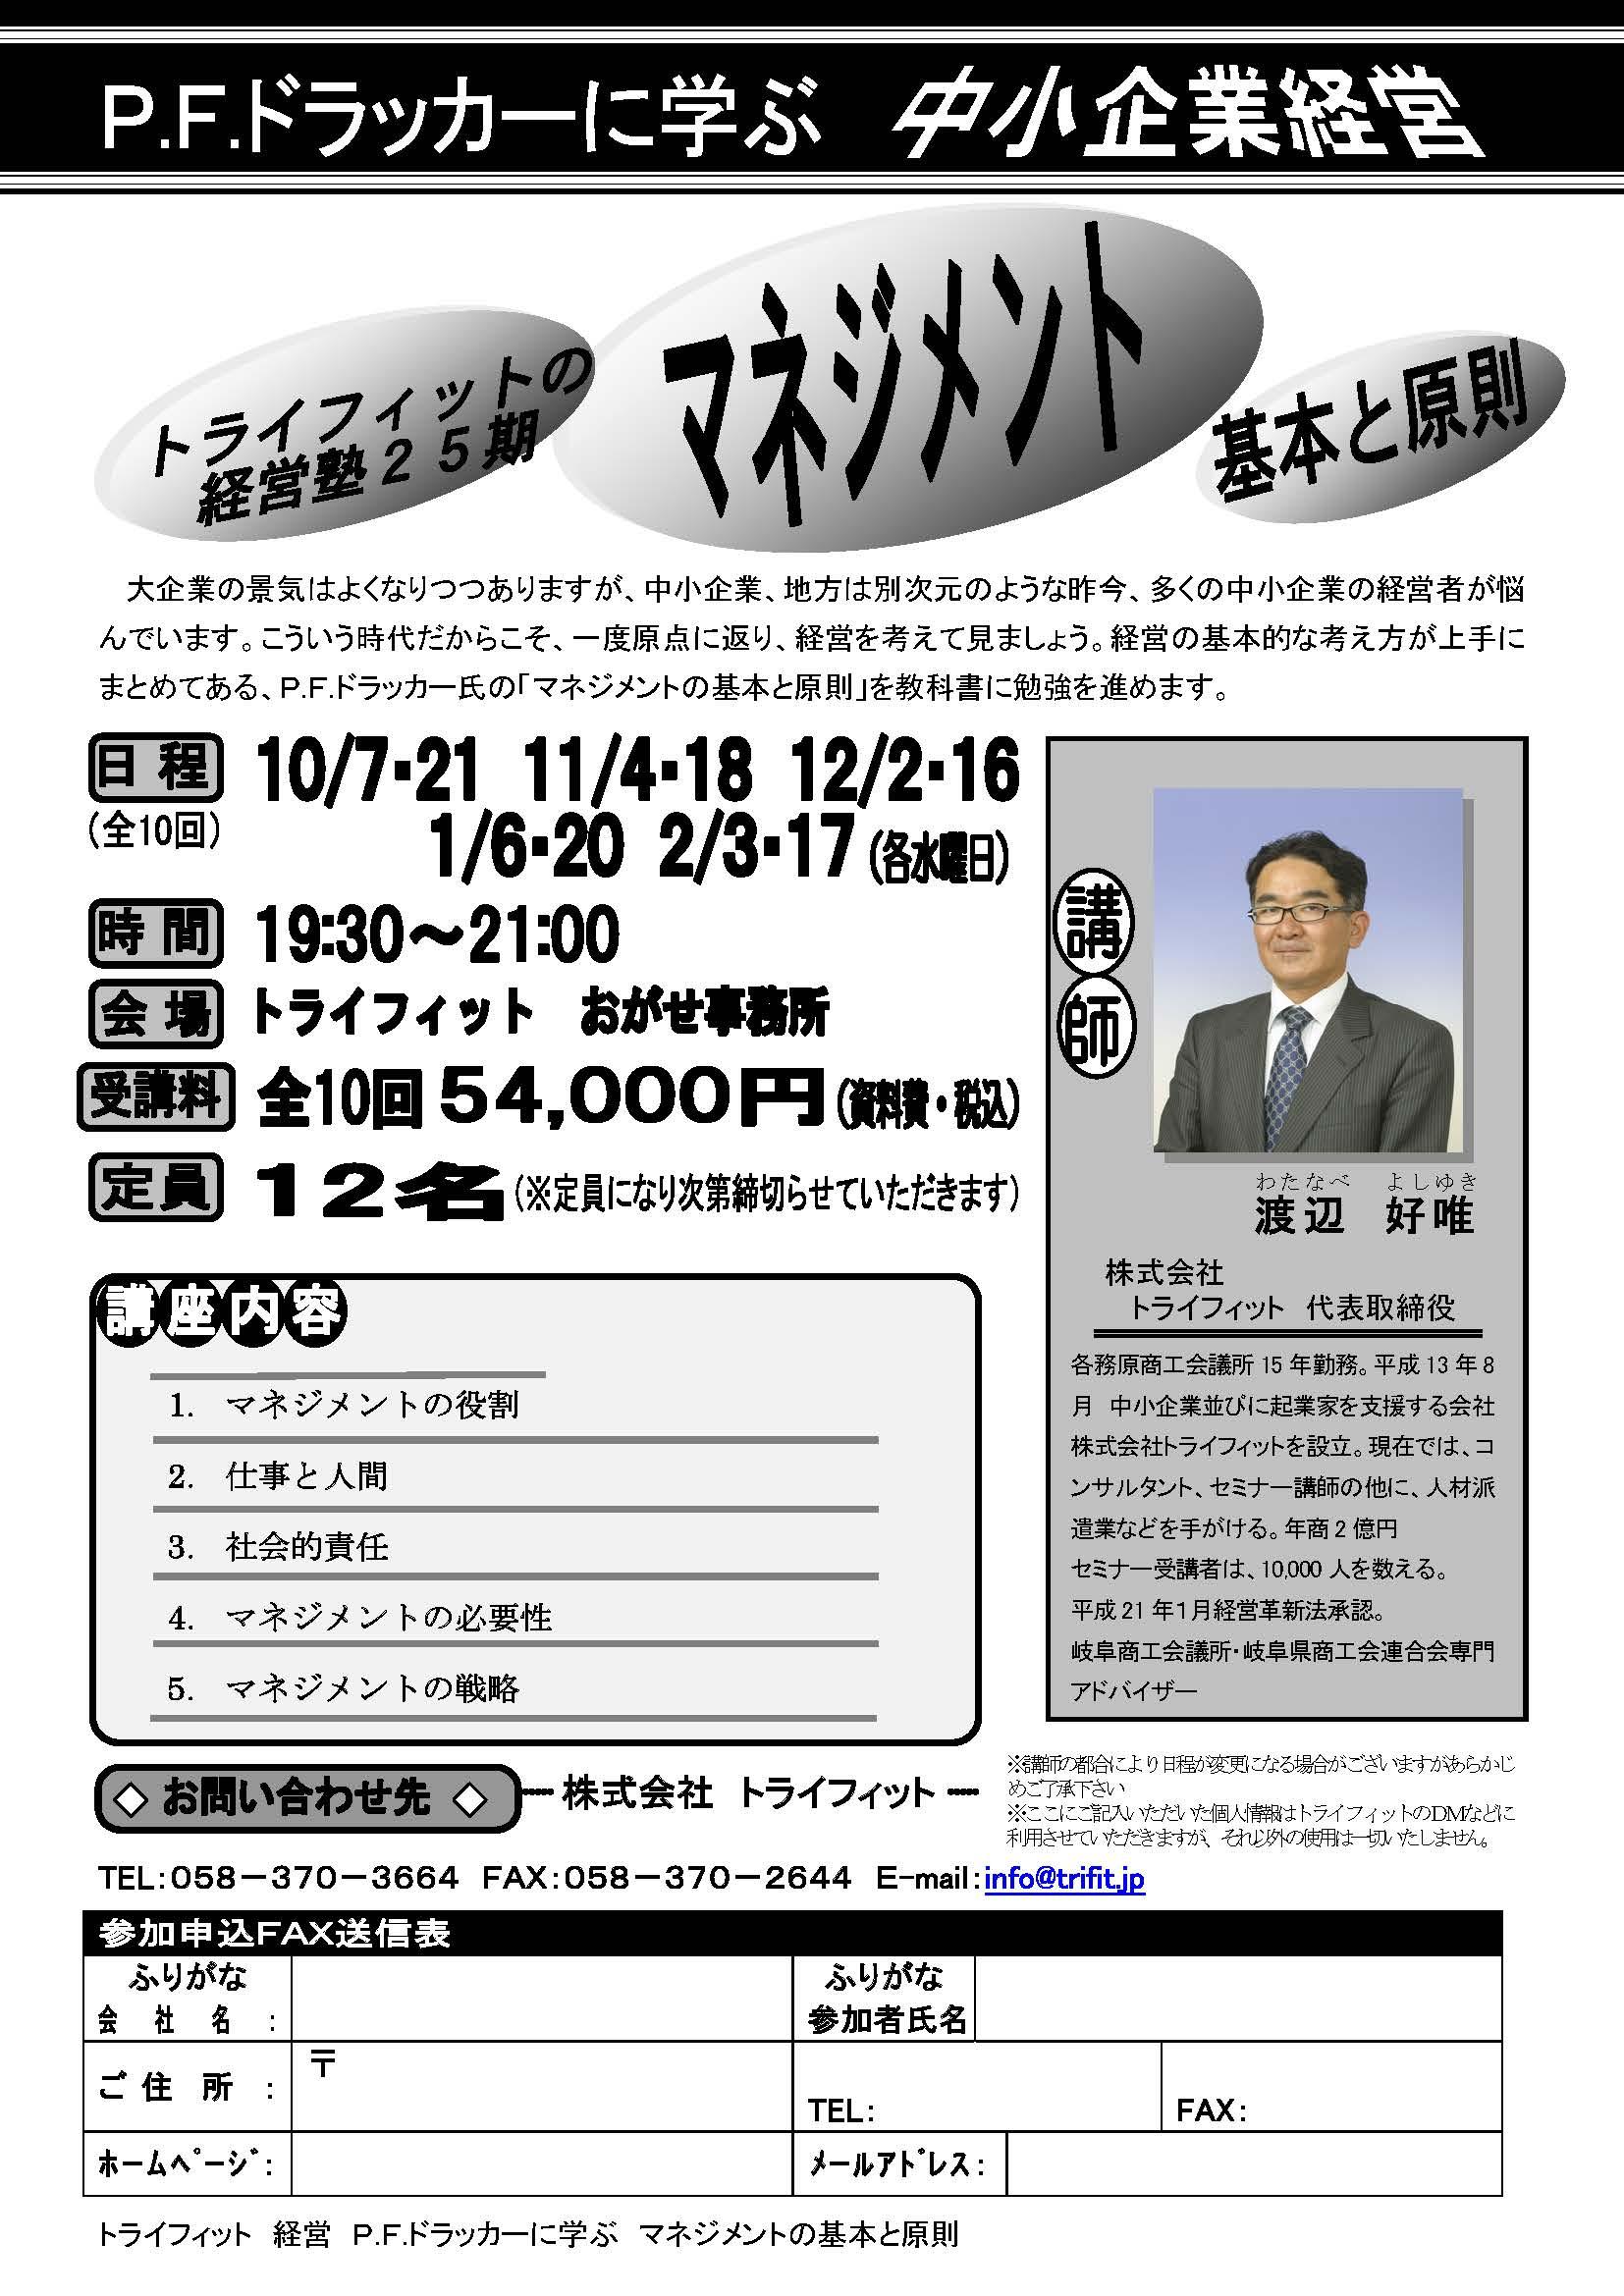 経営塾25マネジメントセミナーチラシ2015 10